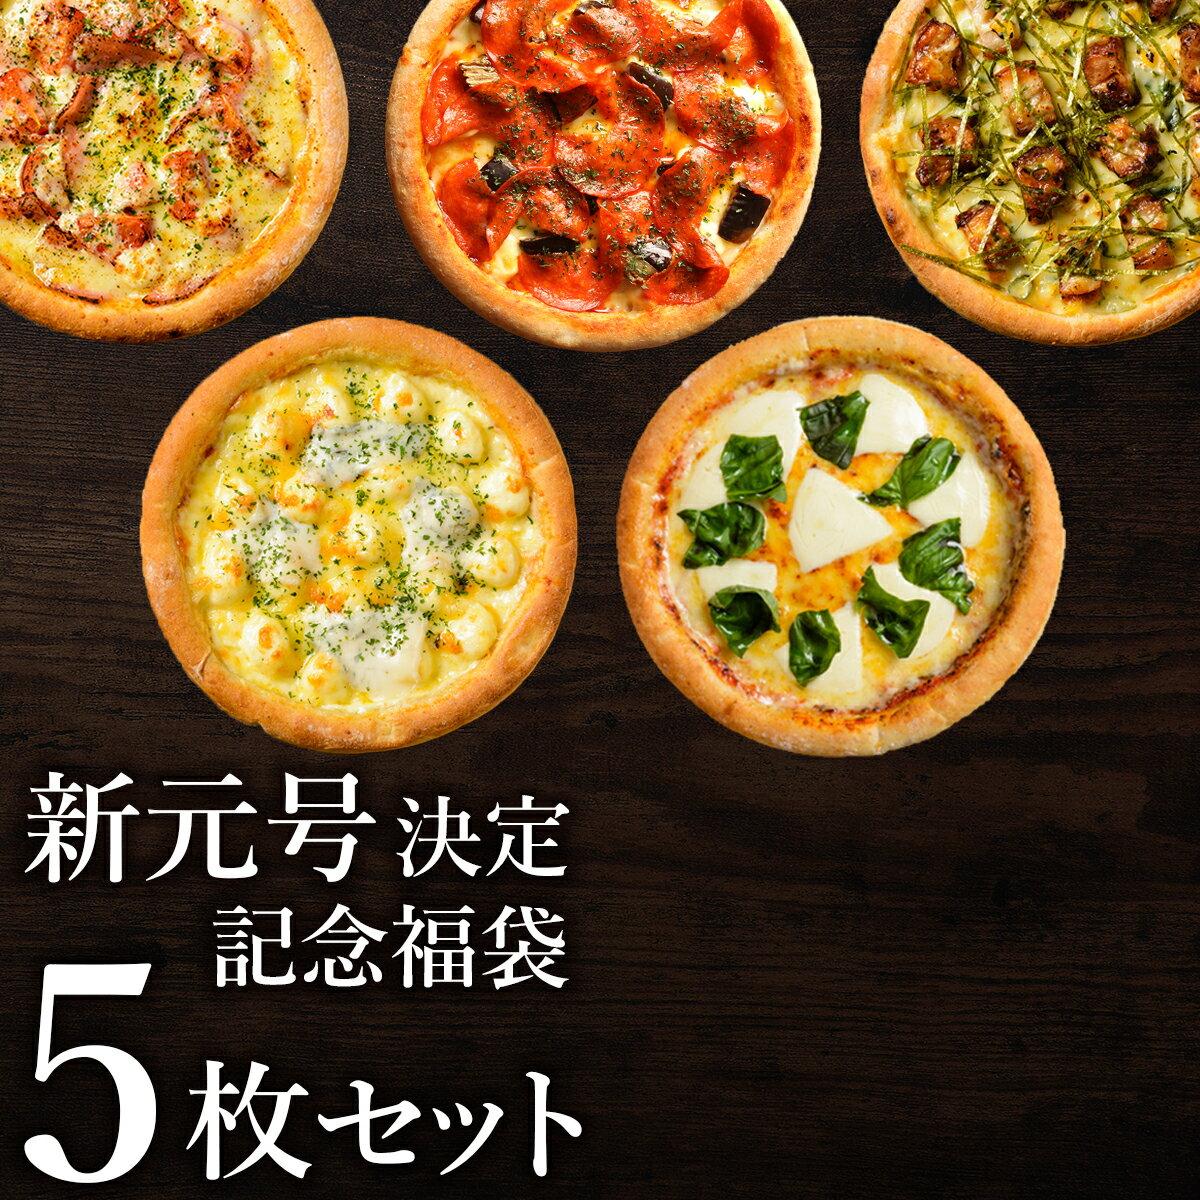 ピザ冷凍 / 送料無料! 新元号「令和」決定記念!選べるピザ福袋5枚セット(マルゲリータ、シーフードピザ、チーズピザ、ビスマルク他)/ さっぱりチーズ・ライ麦全粒粉ブレンド生地・直径役20cm